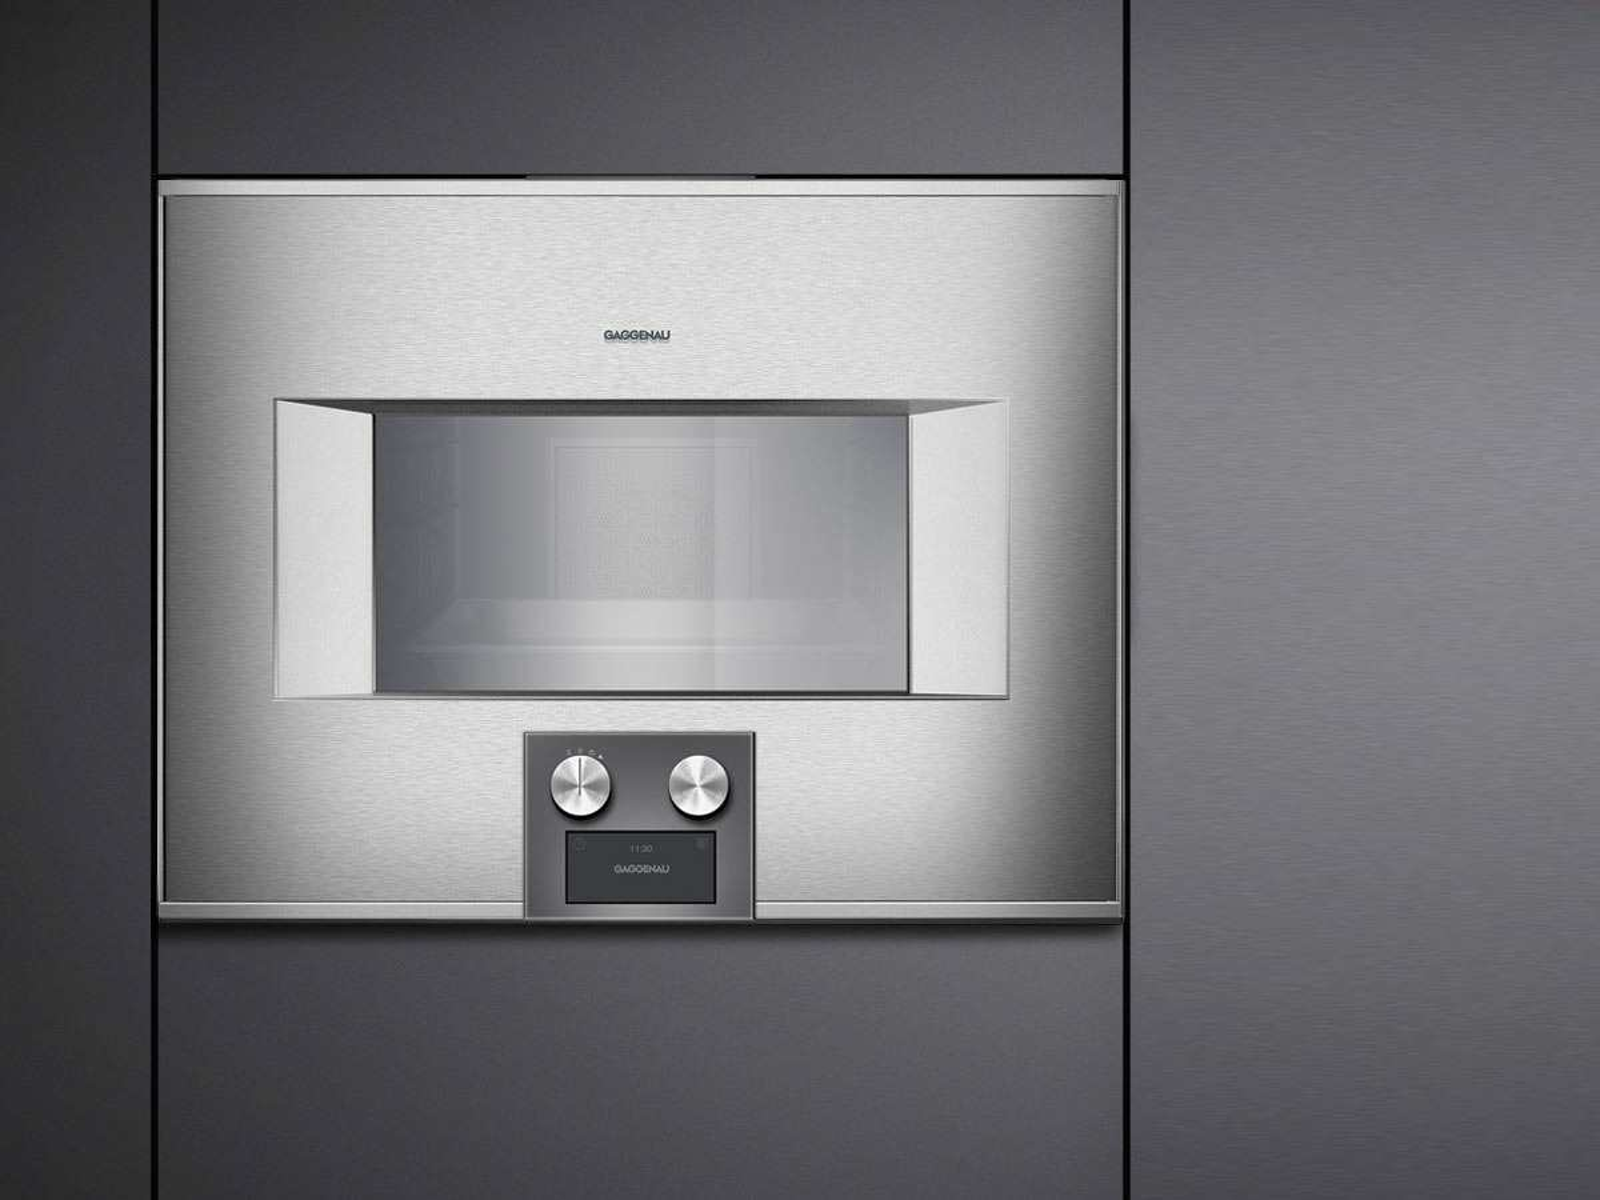 gaggenau bs 455 110 dampfbackofen serie 400 edelstahl glas. Black Bedroom Furniture Sets. Home Design Ideas